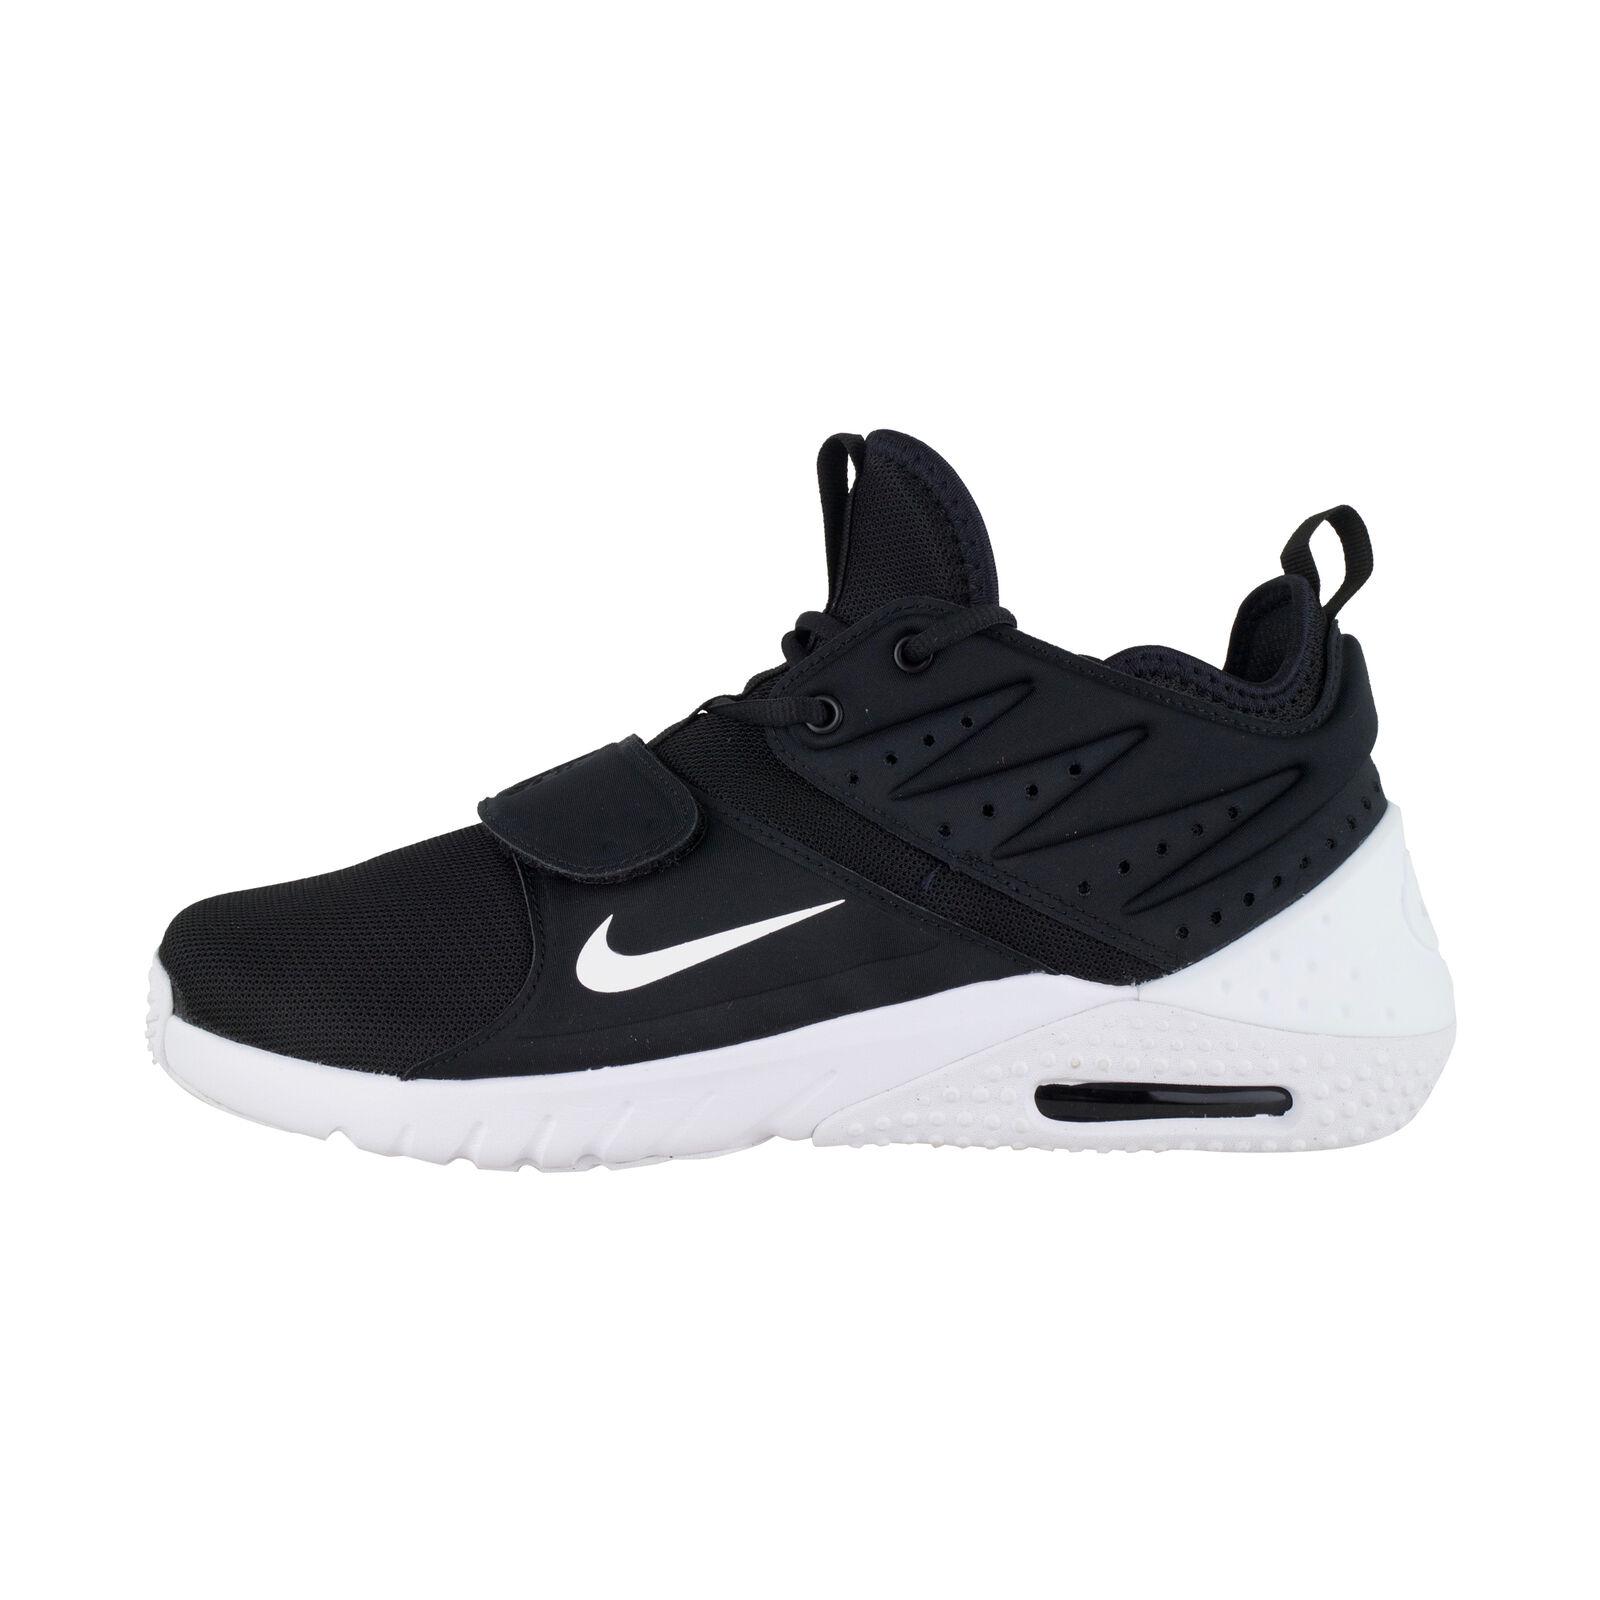 Nike Air Max Trainer 1 AO0835 010